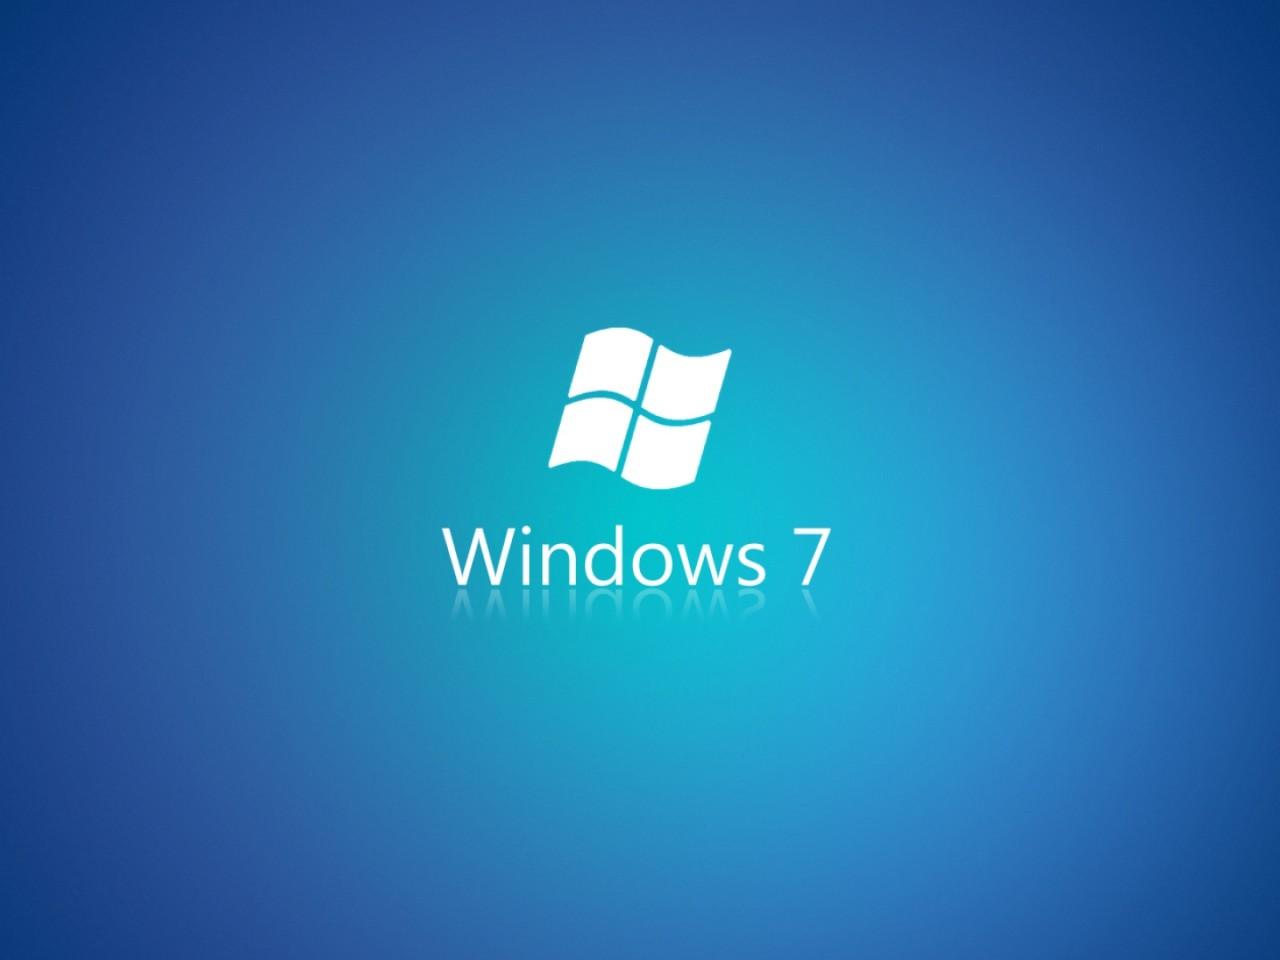 windows 7 images logo - photo #9